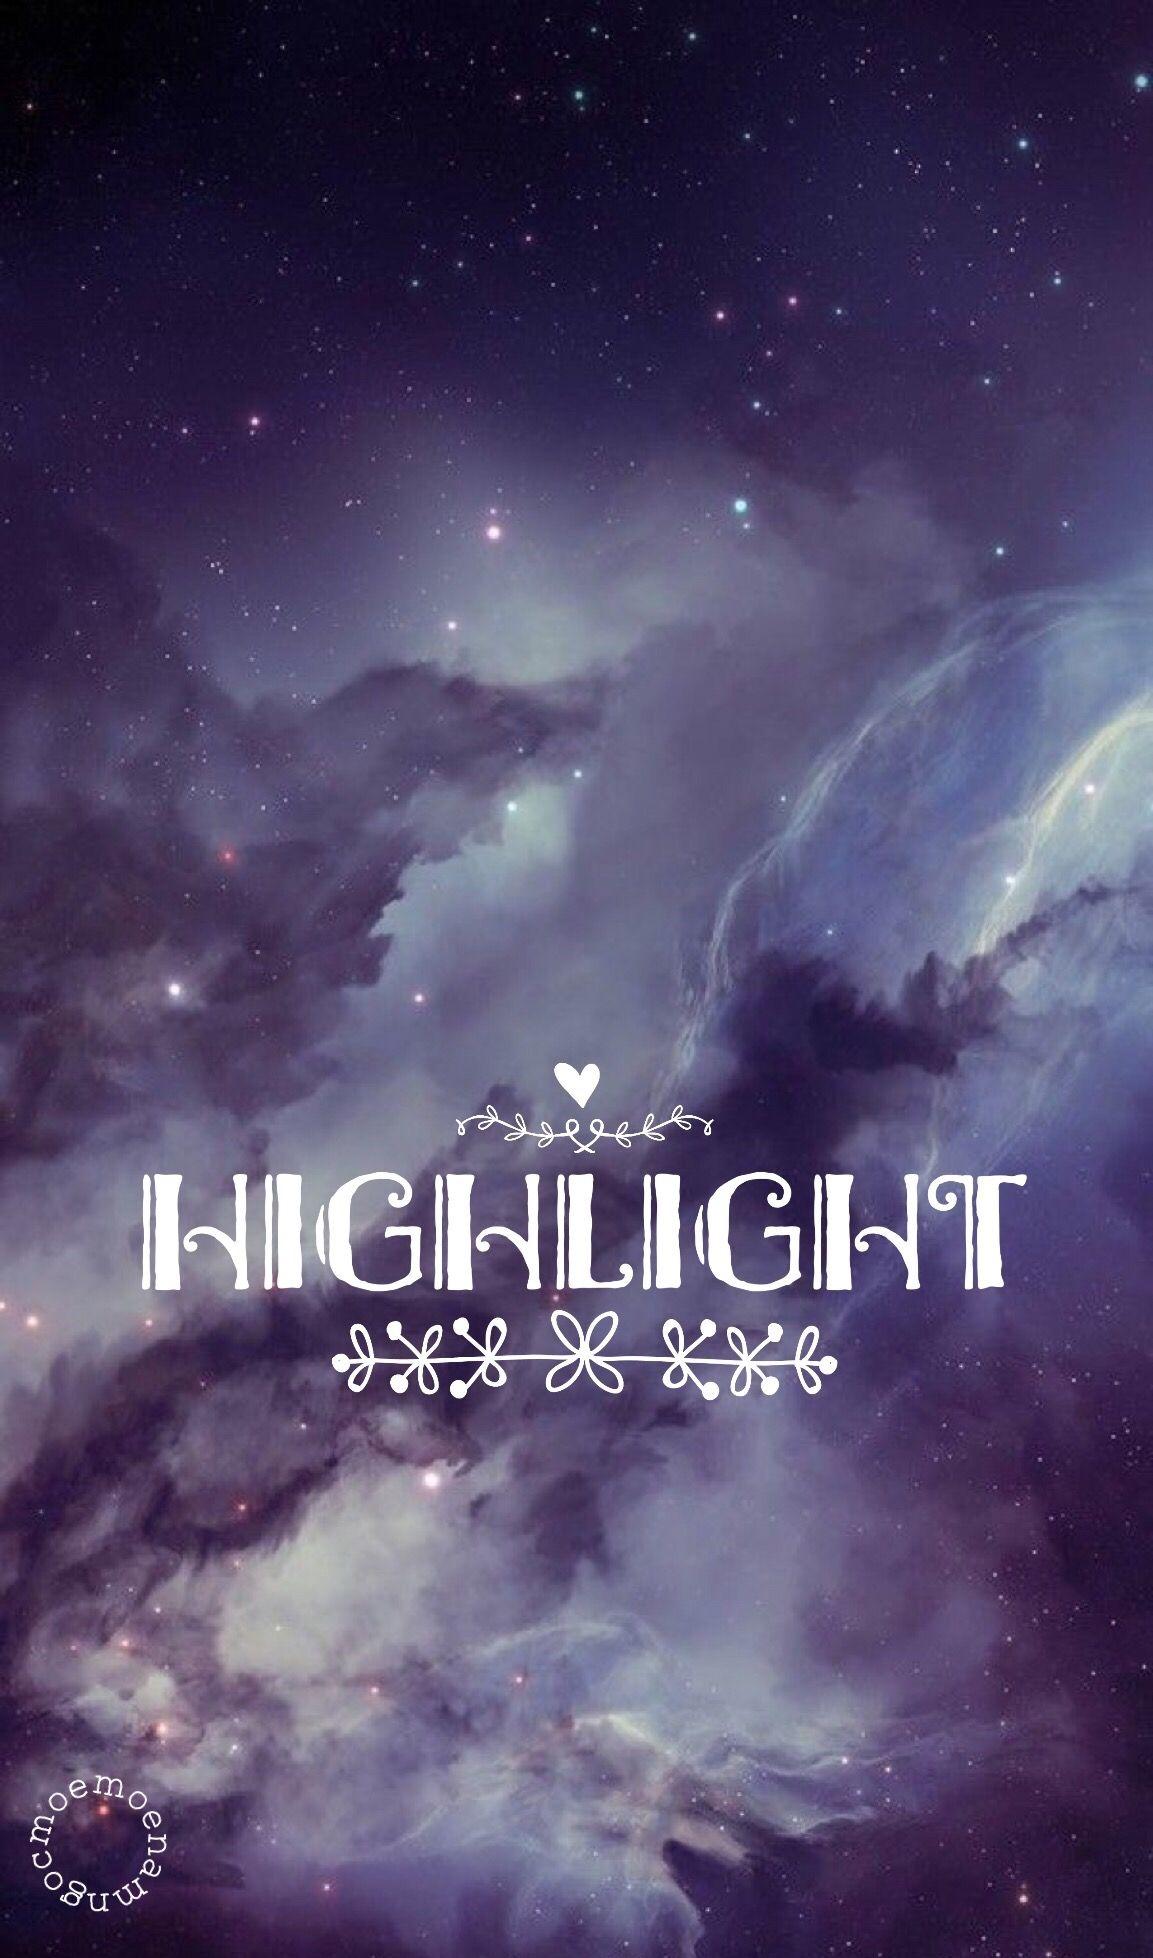 Hightlight Kpop Iphone Wallpaper